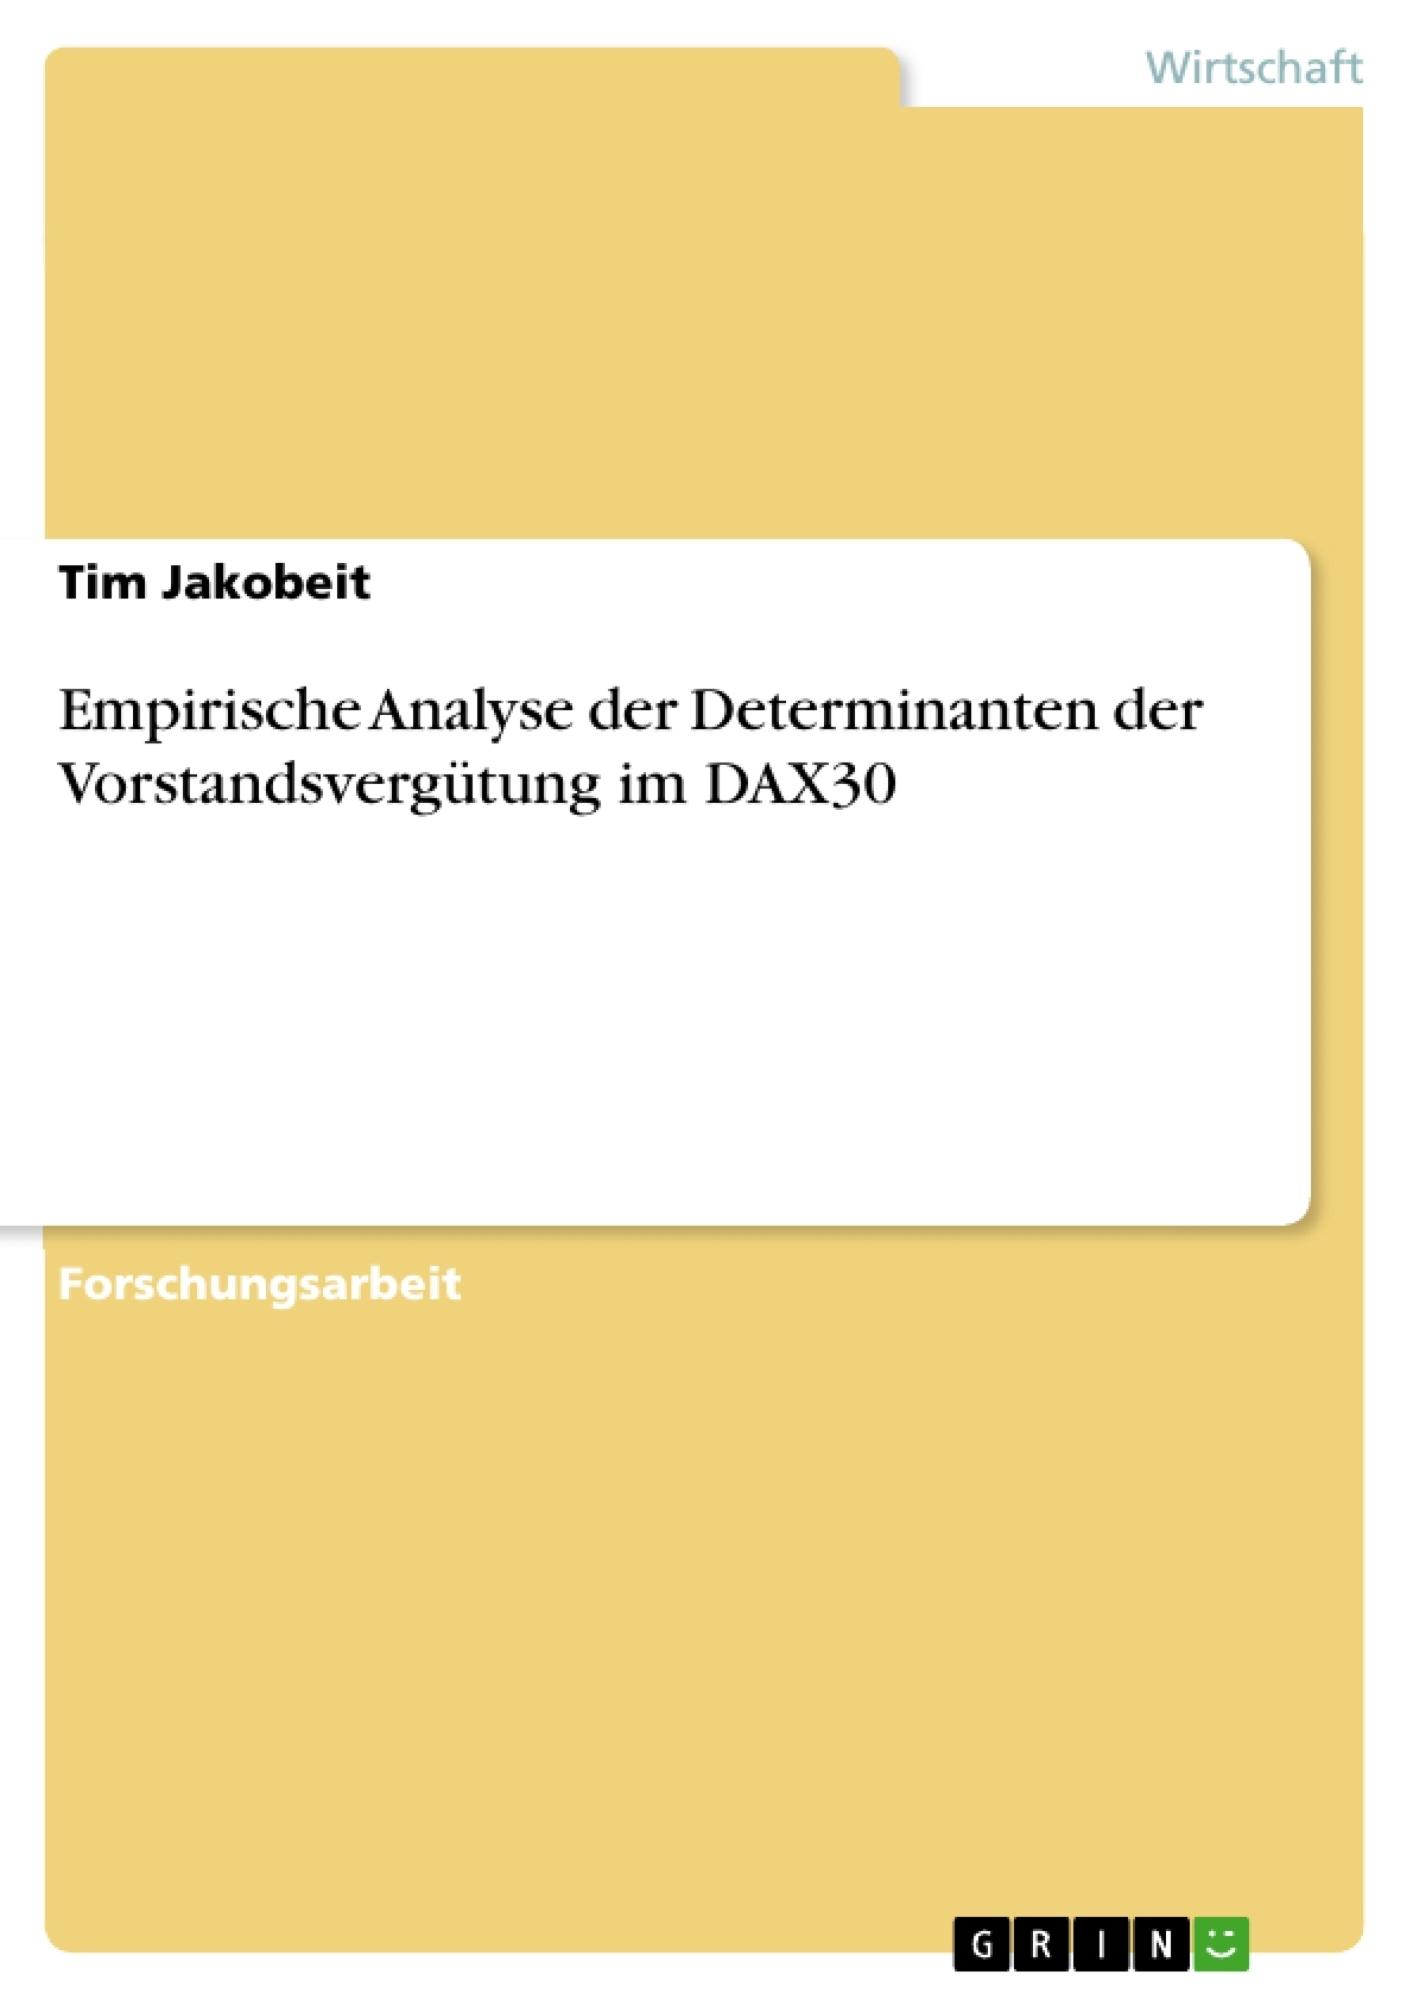 Titel: Empirische Analyse der Determinanten der Vorstandsvergütung im DAX30